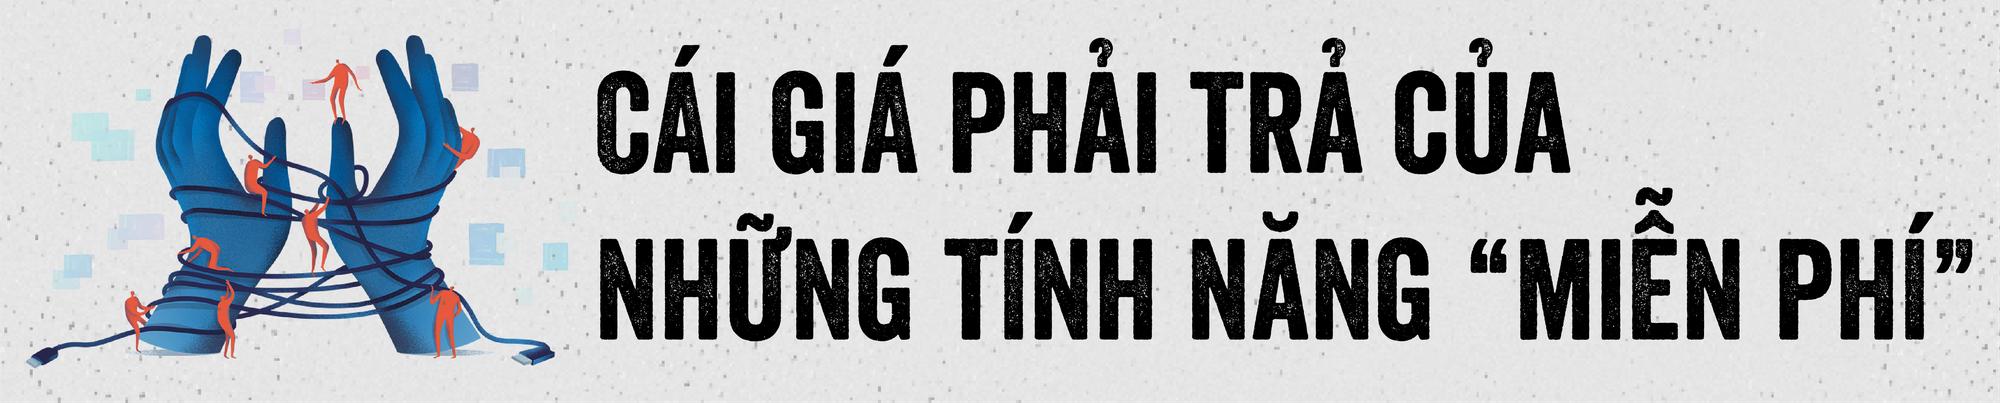 Người Việt có quá thờ ơ với mỏ dầu tỷ USD mang tên dữ liệu cá nhân? - Ảnh 3.